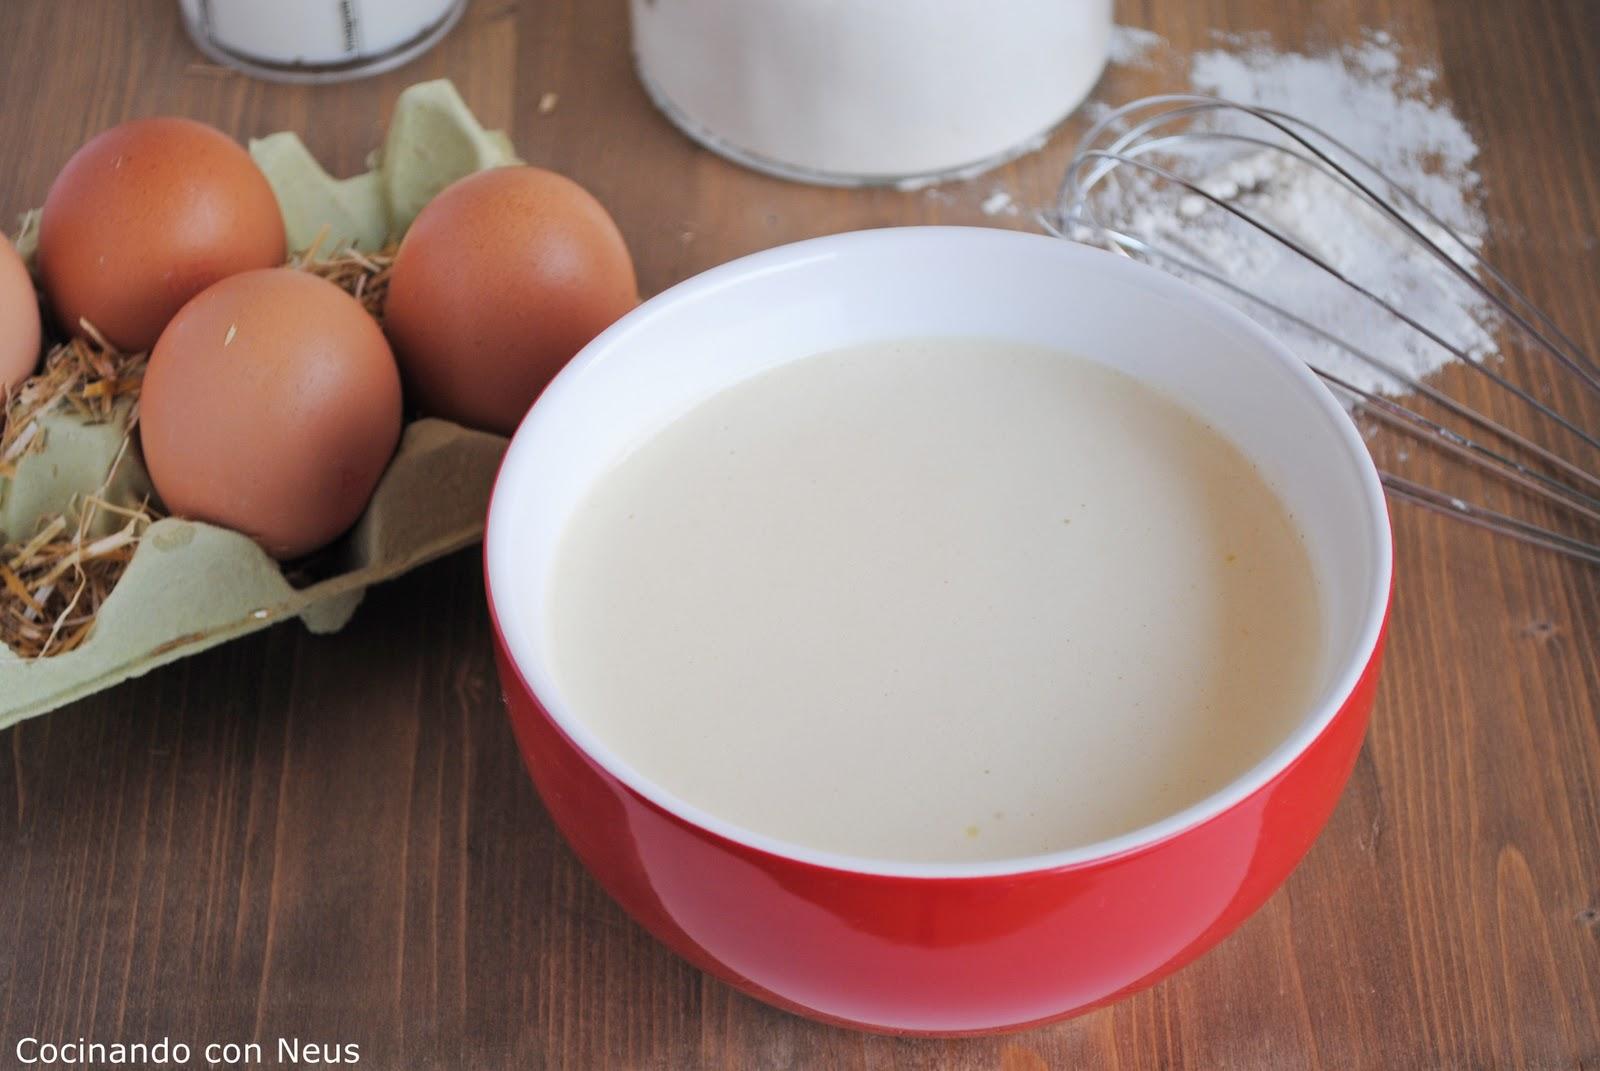 Neus cocinando con thermomix masa para cr pes con thermomix - Ingredientes para crepes ...